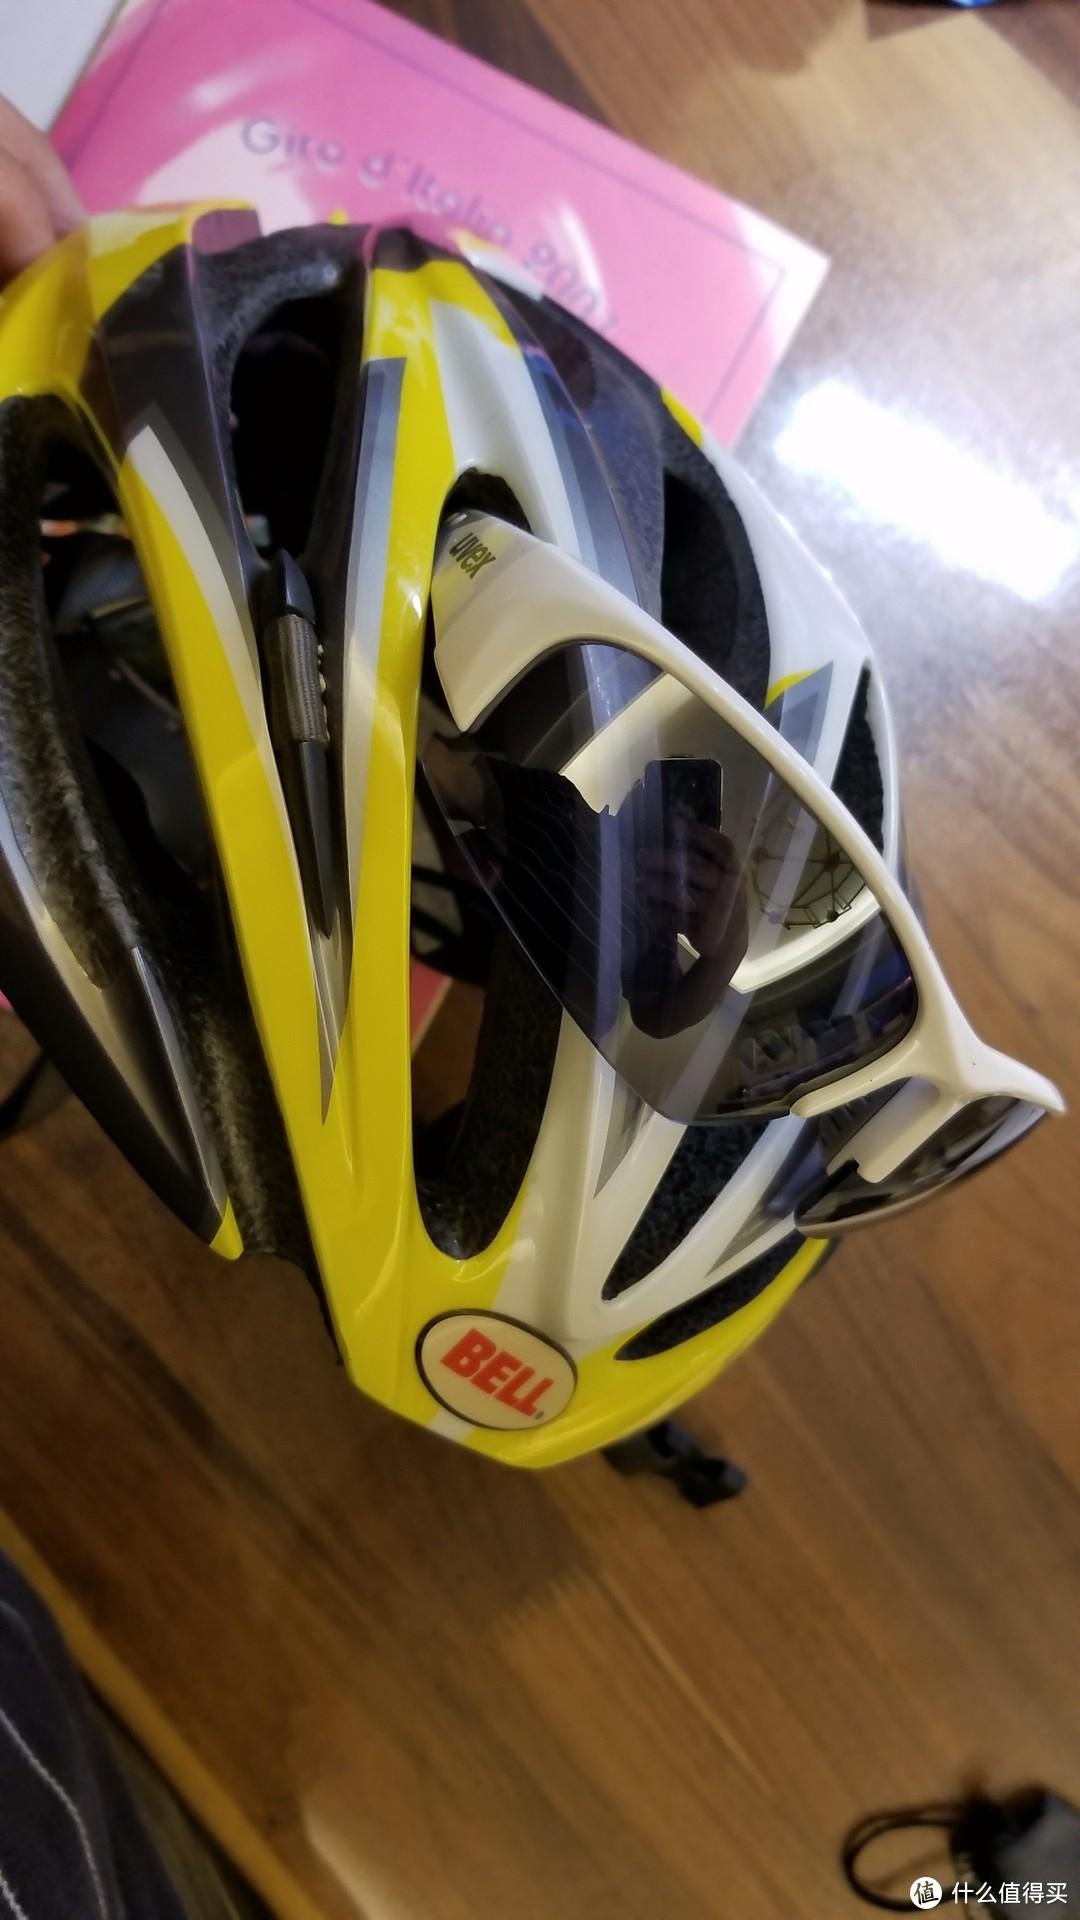 一副过得去的实用运动眼镜---UVEX大视野运动太阳镜